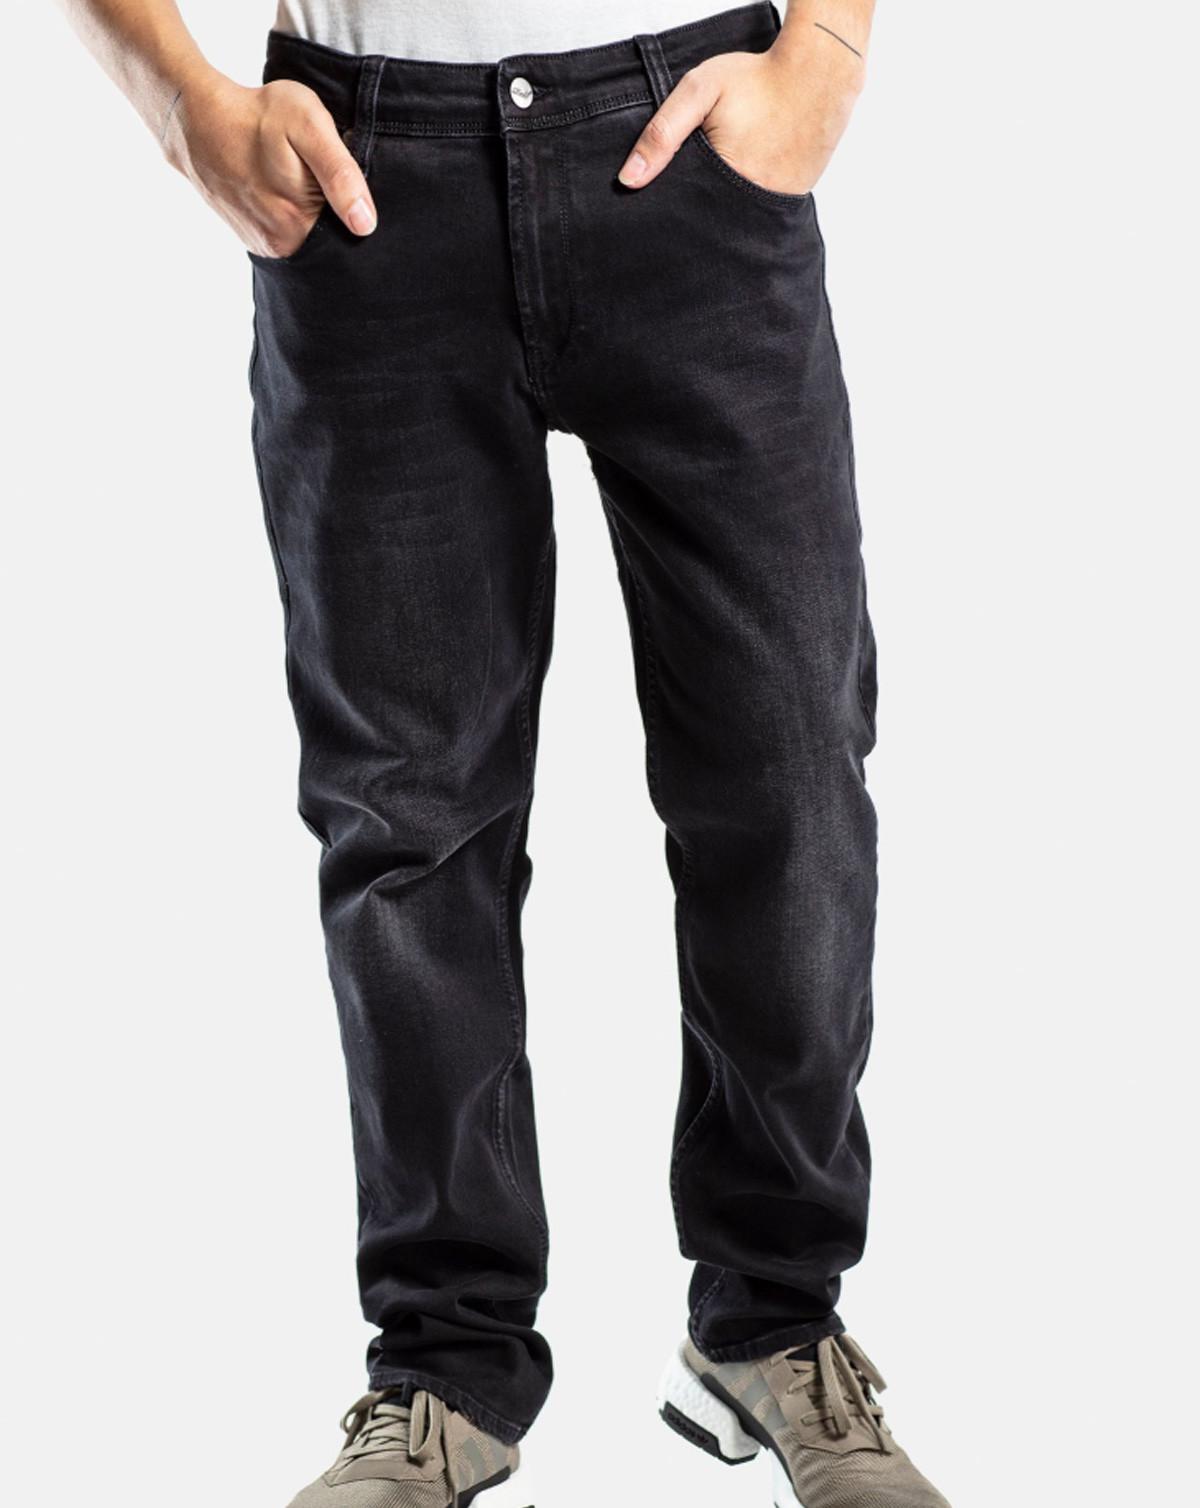 Reell Nova 2 Jeans (Washed Black, W36 / L34)